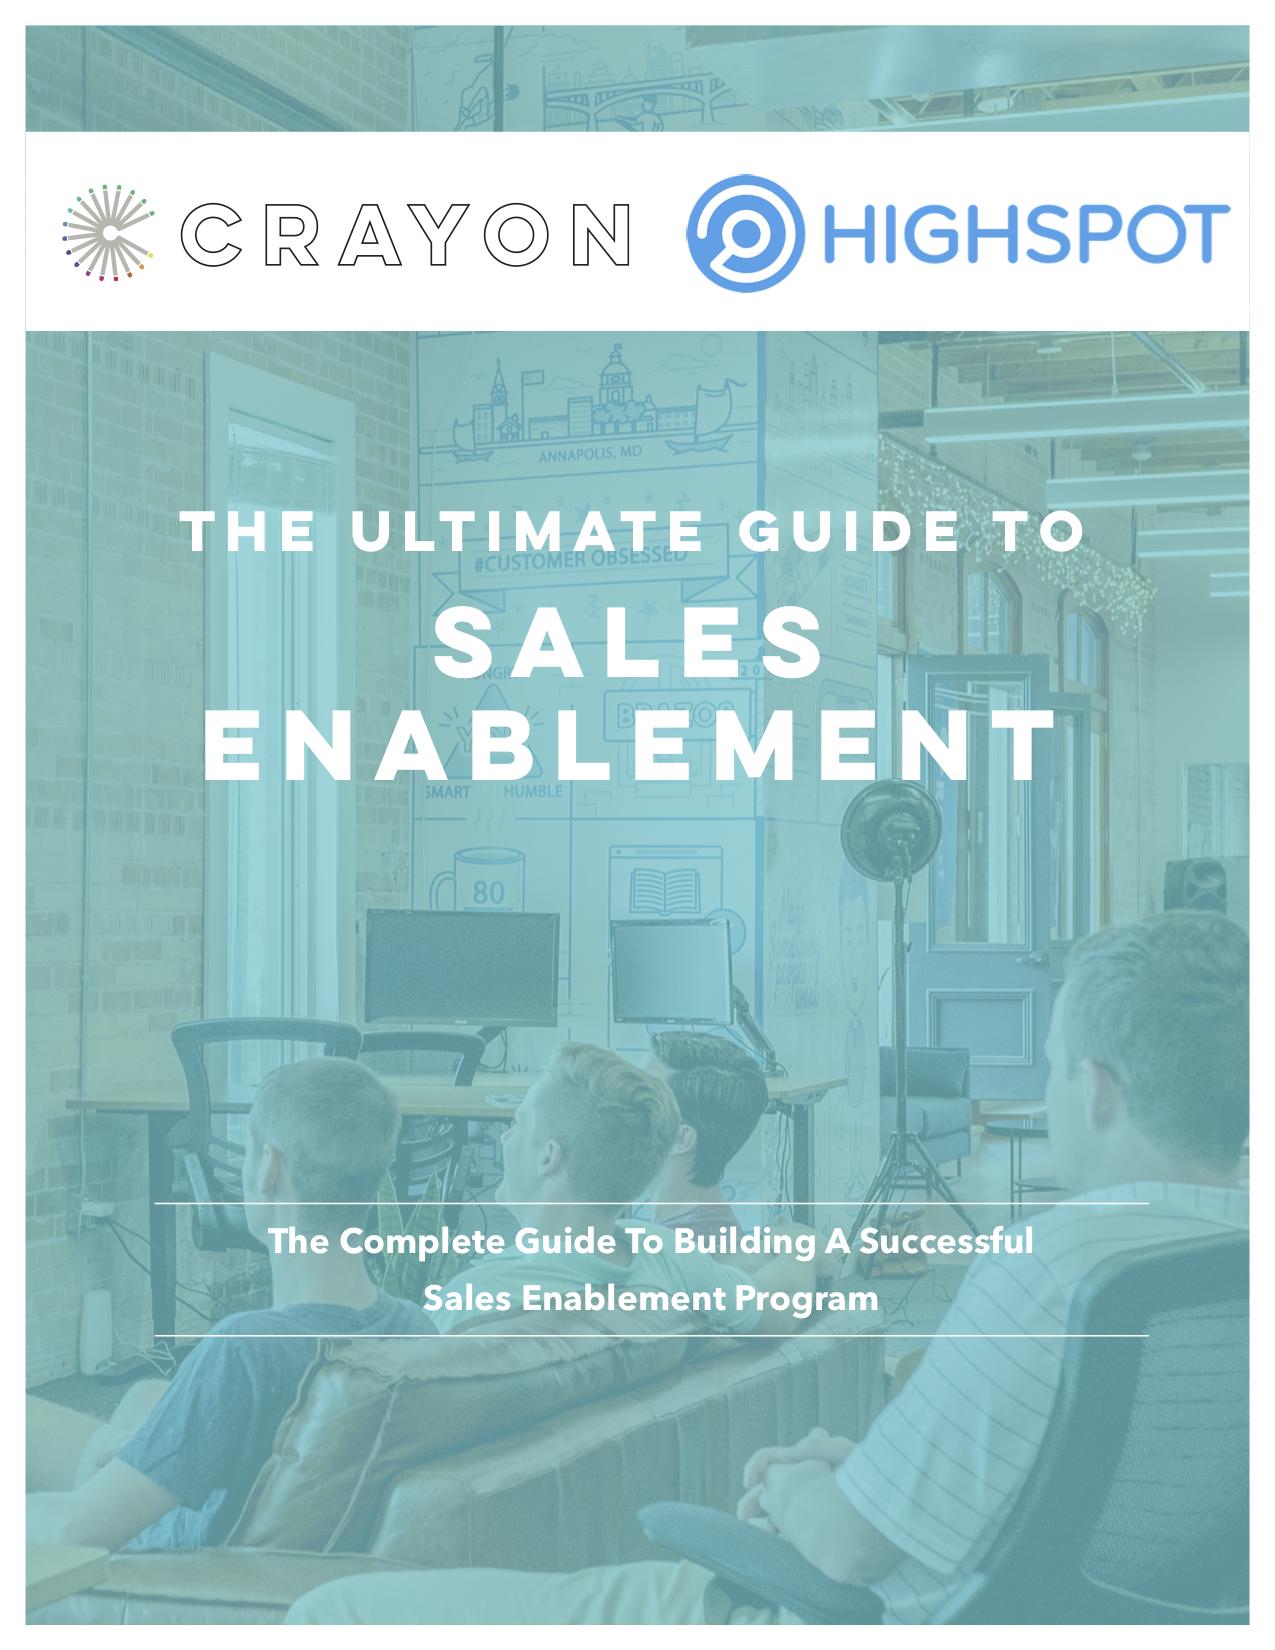 Sales Enablement ebookfinalED